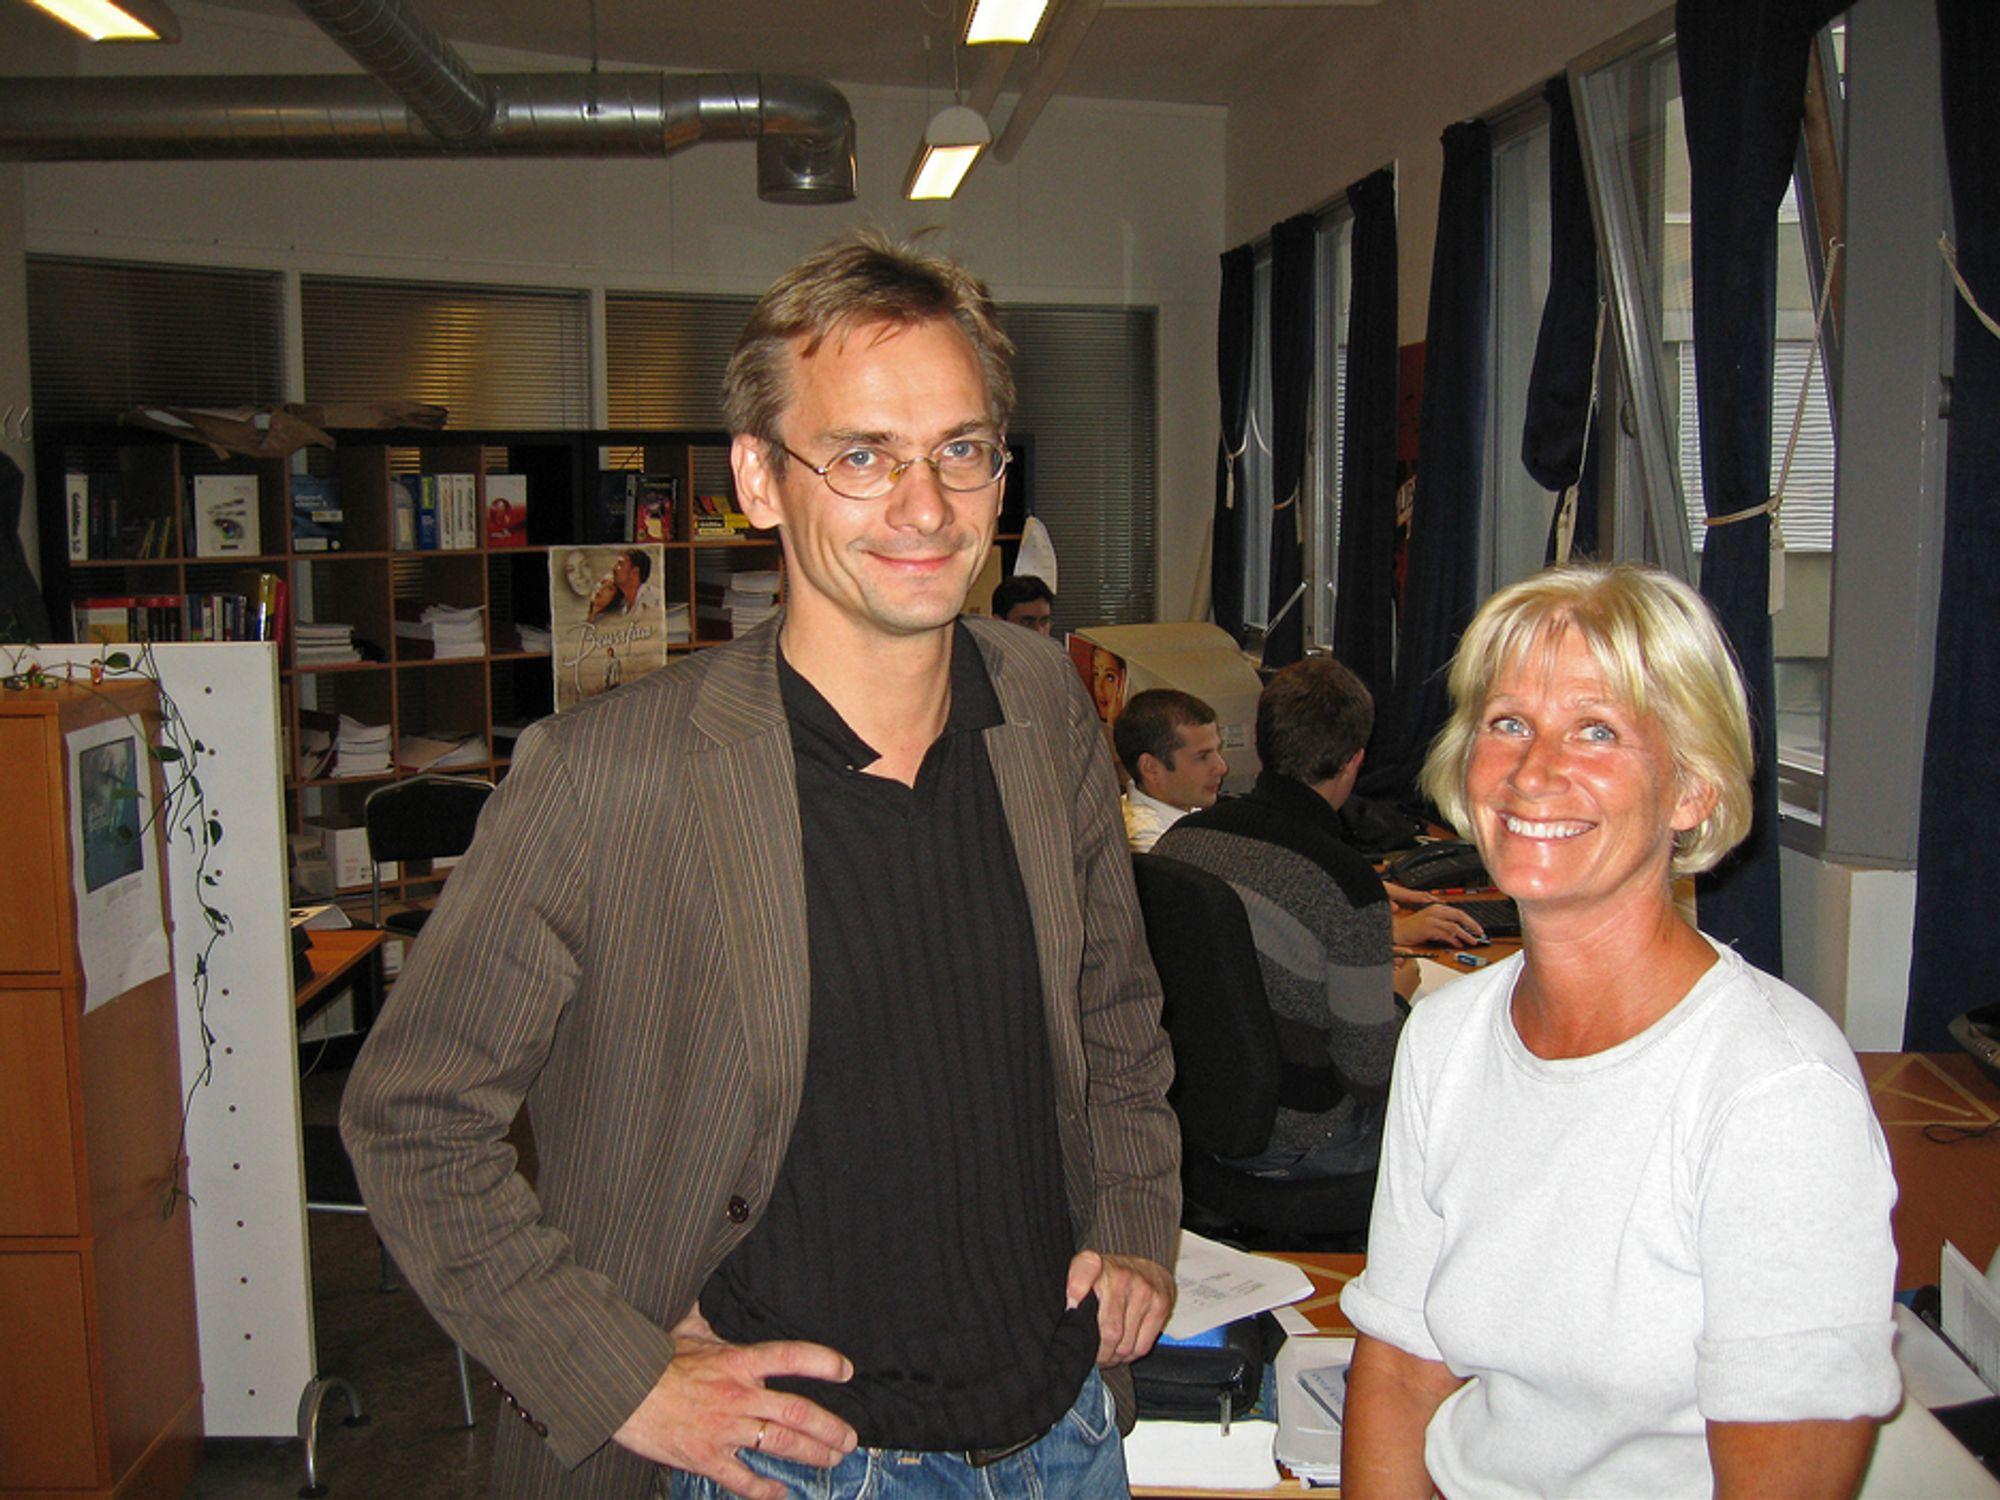 TETTPAKKET:HR-ansvarlig Anne Stavnes og forskningsdirektør Christen Krogh lever trangt blant nordmenn og utlendinger i Opera.